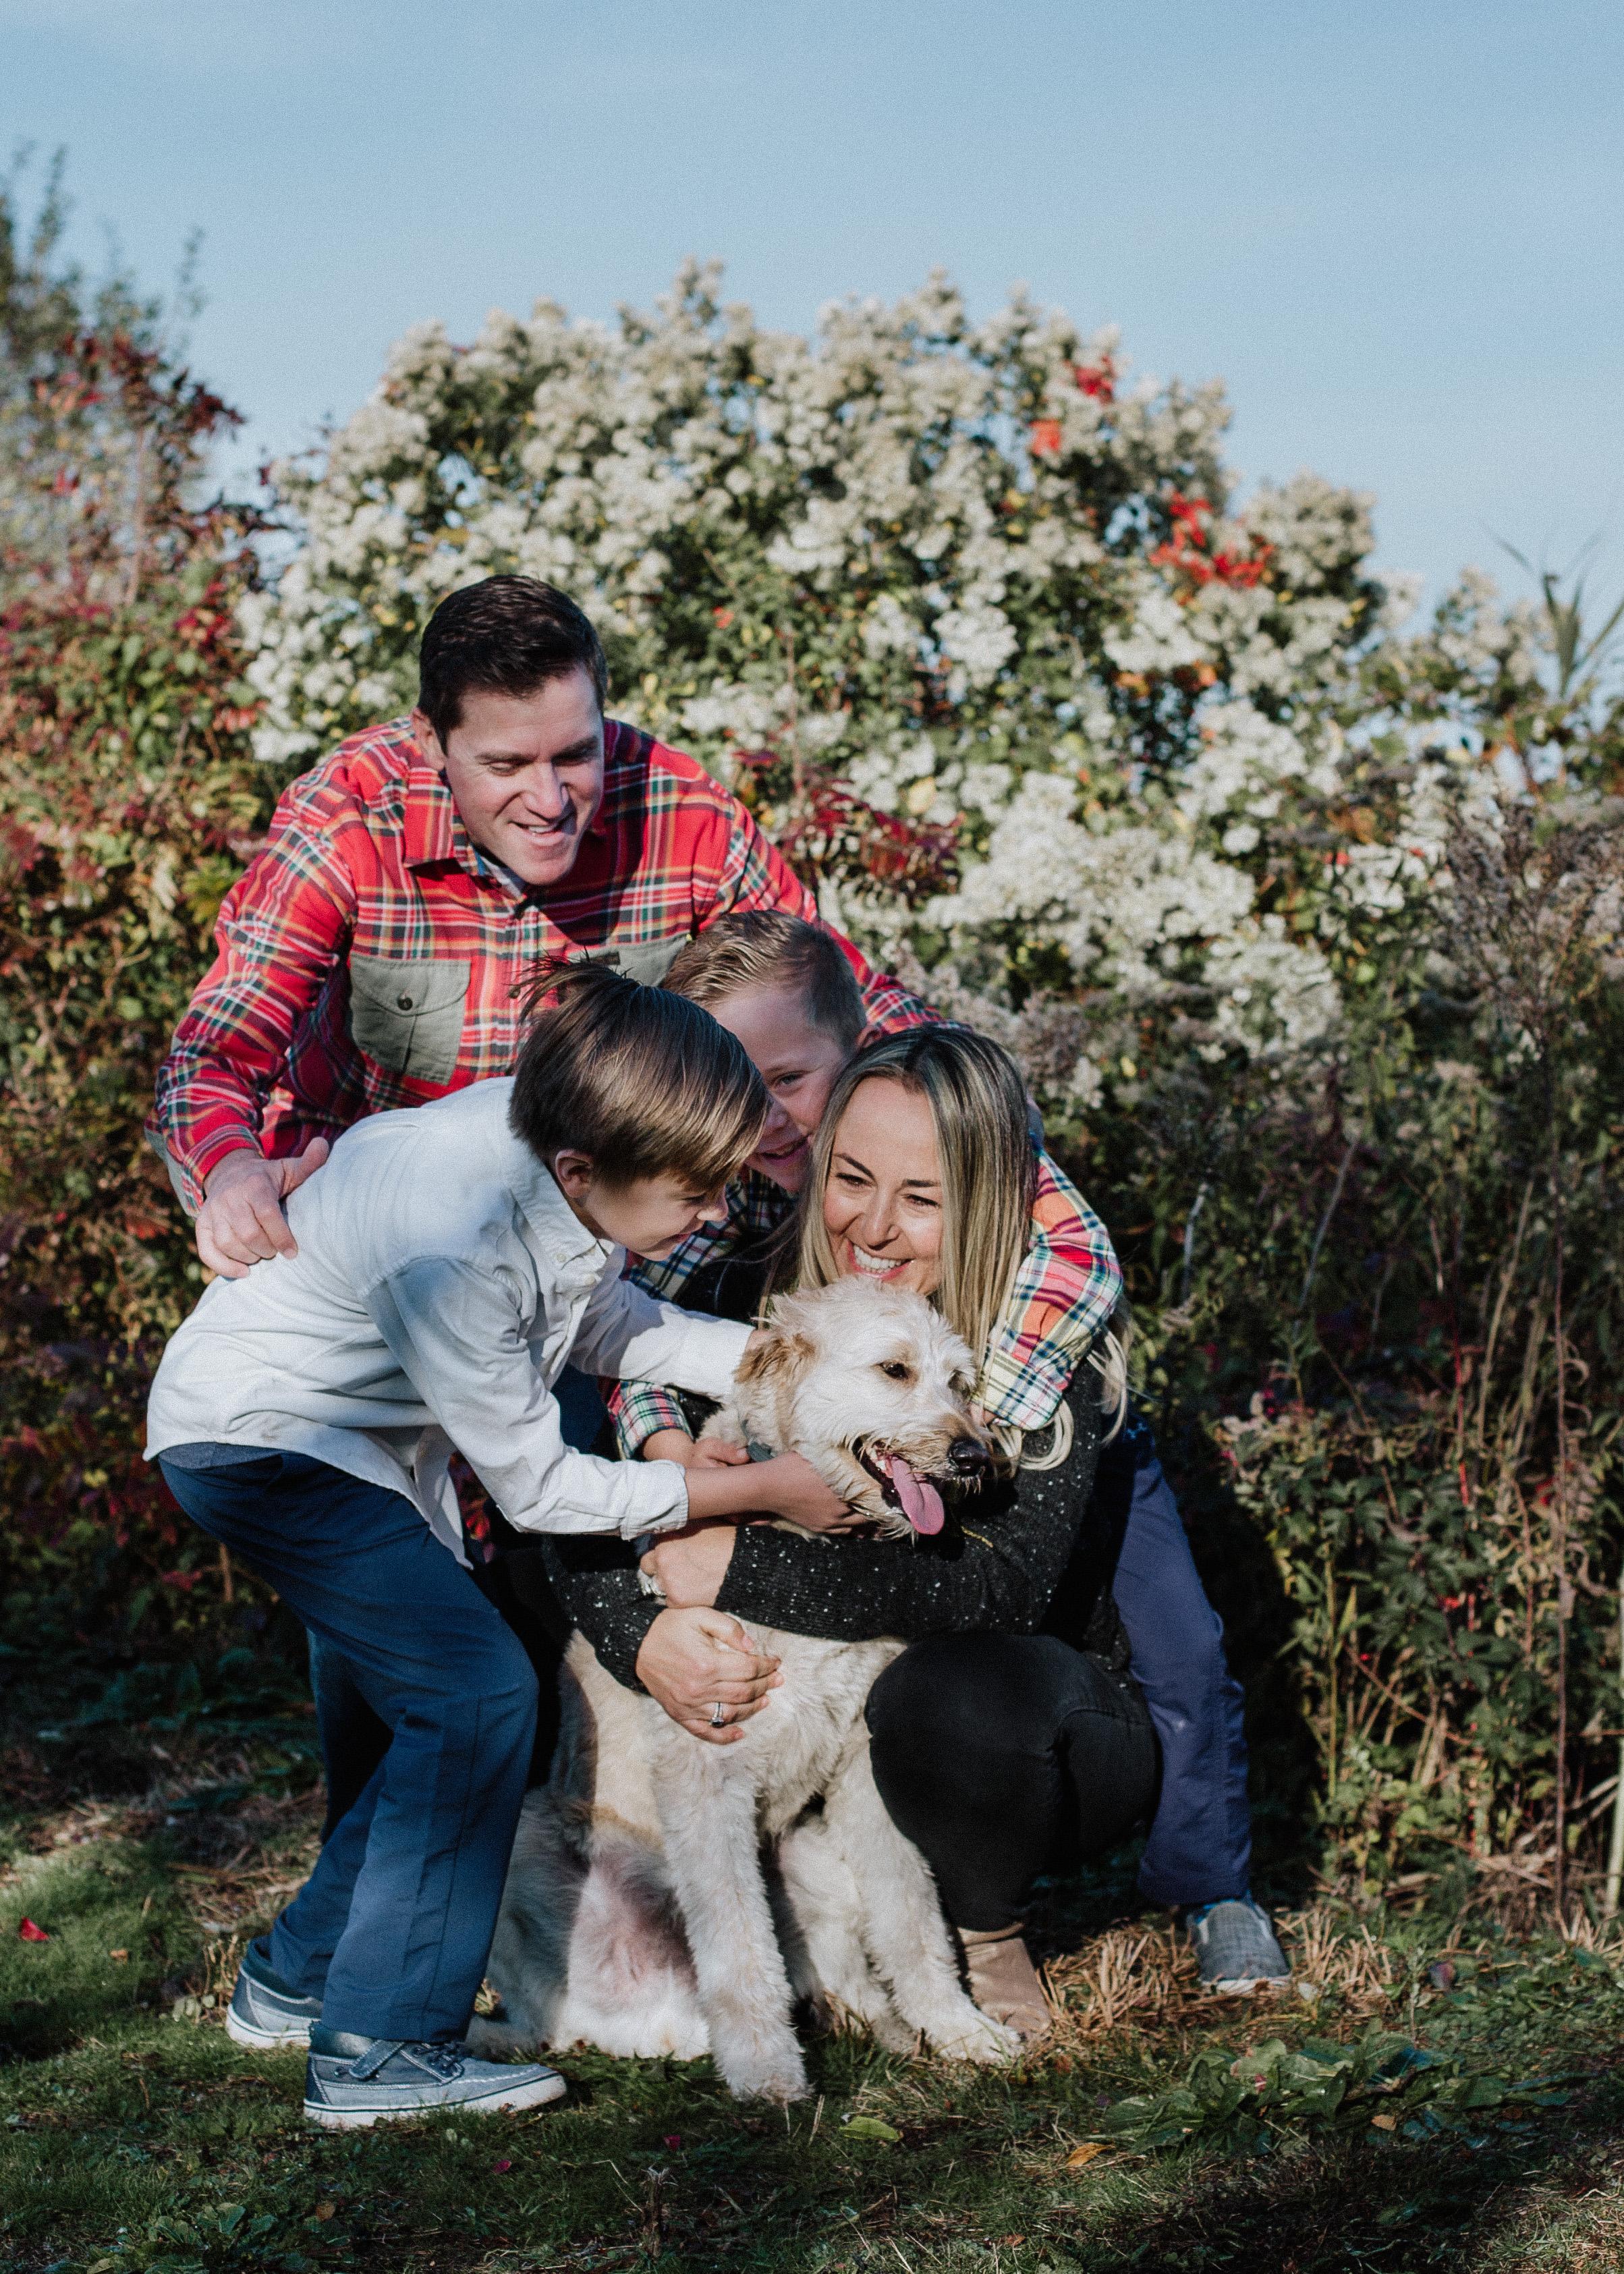 family photography long beach ny holiday session